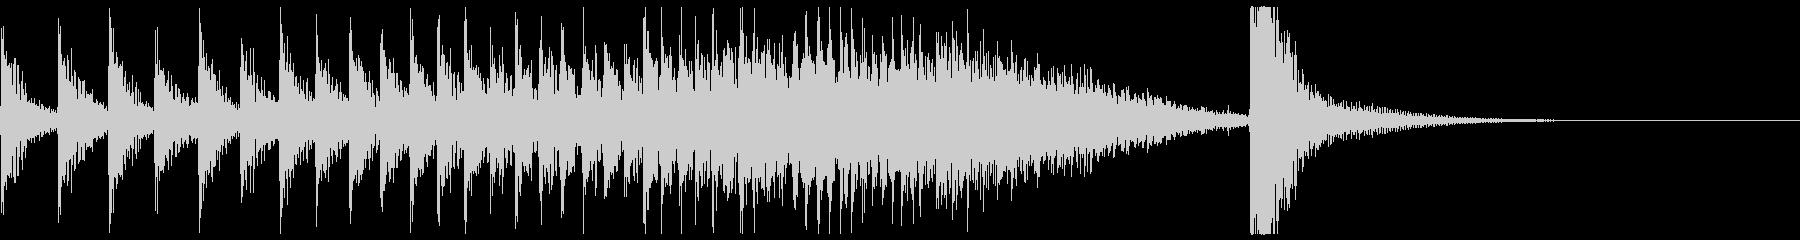 ドコドコ…ドドン!和太鼓ロール/ミドル2の未再生の波形